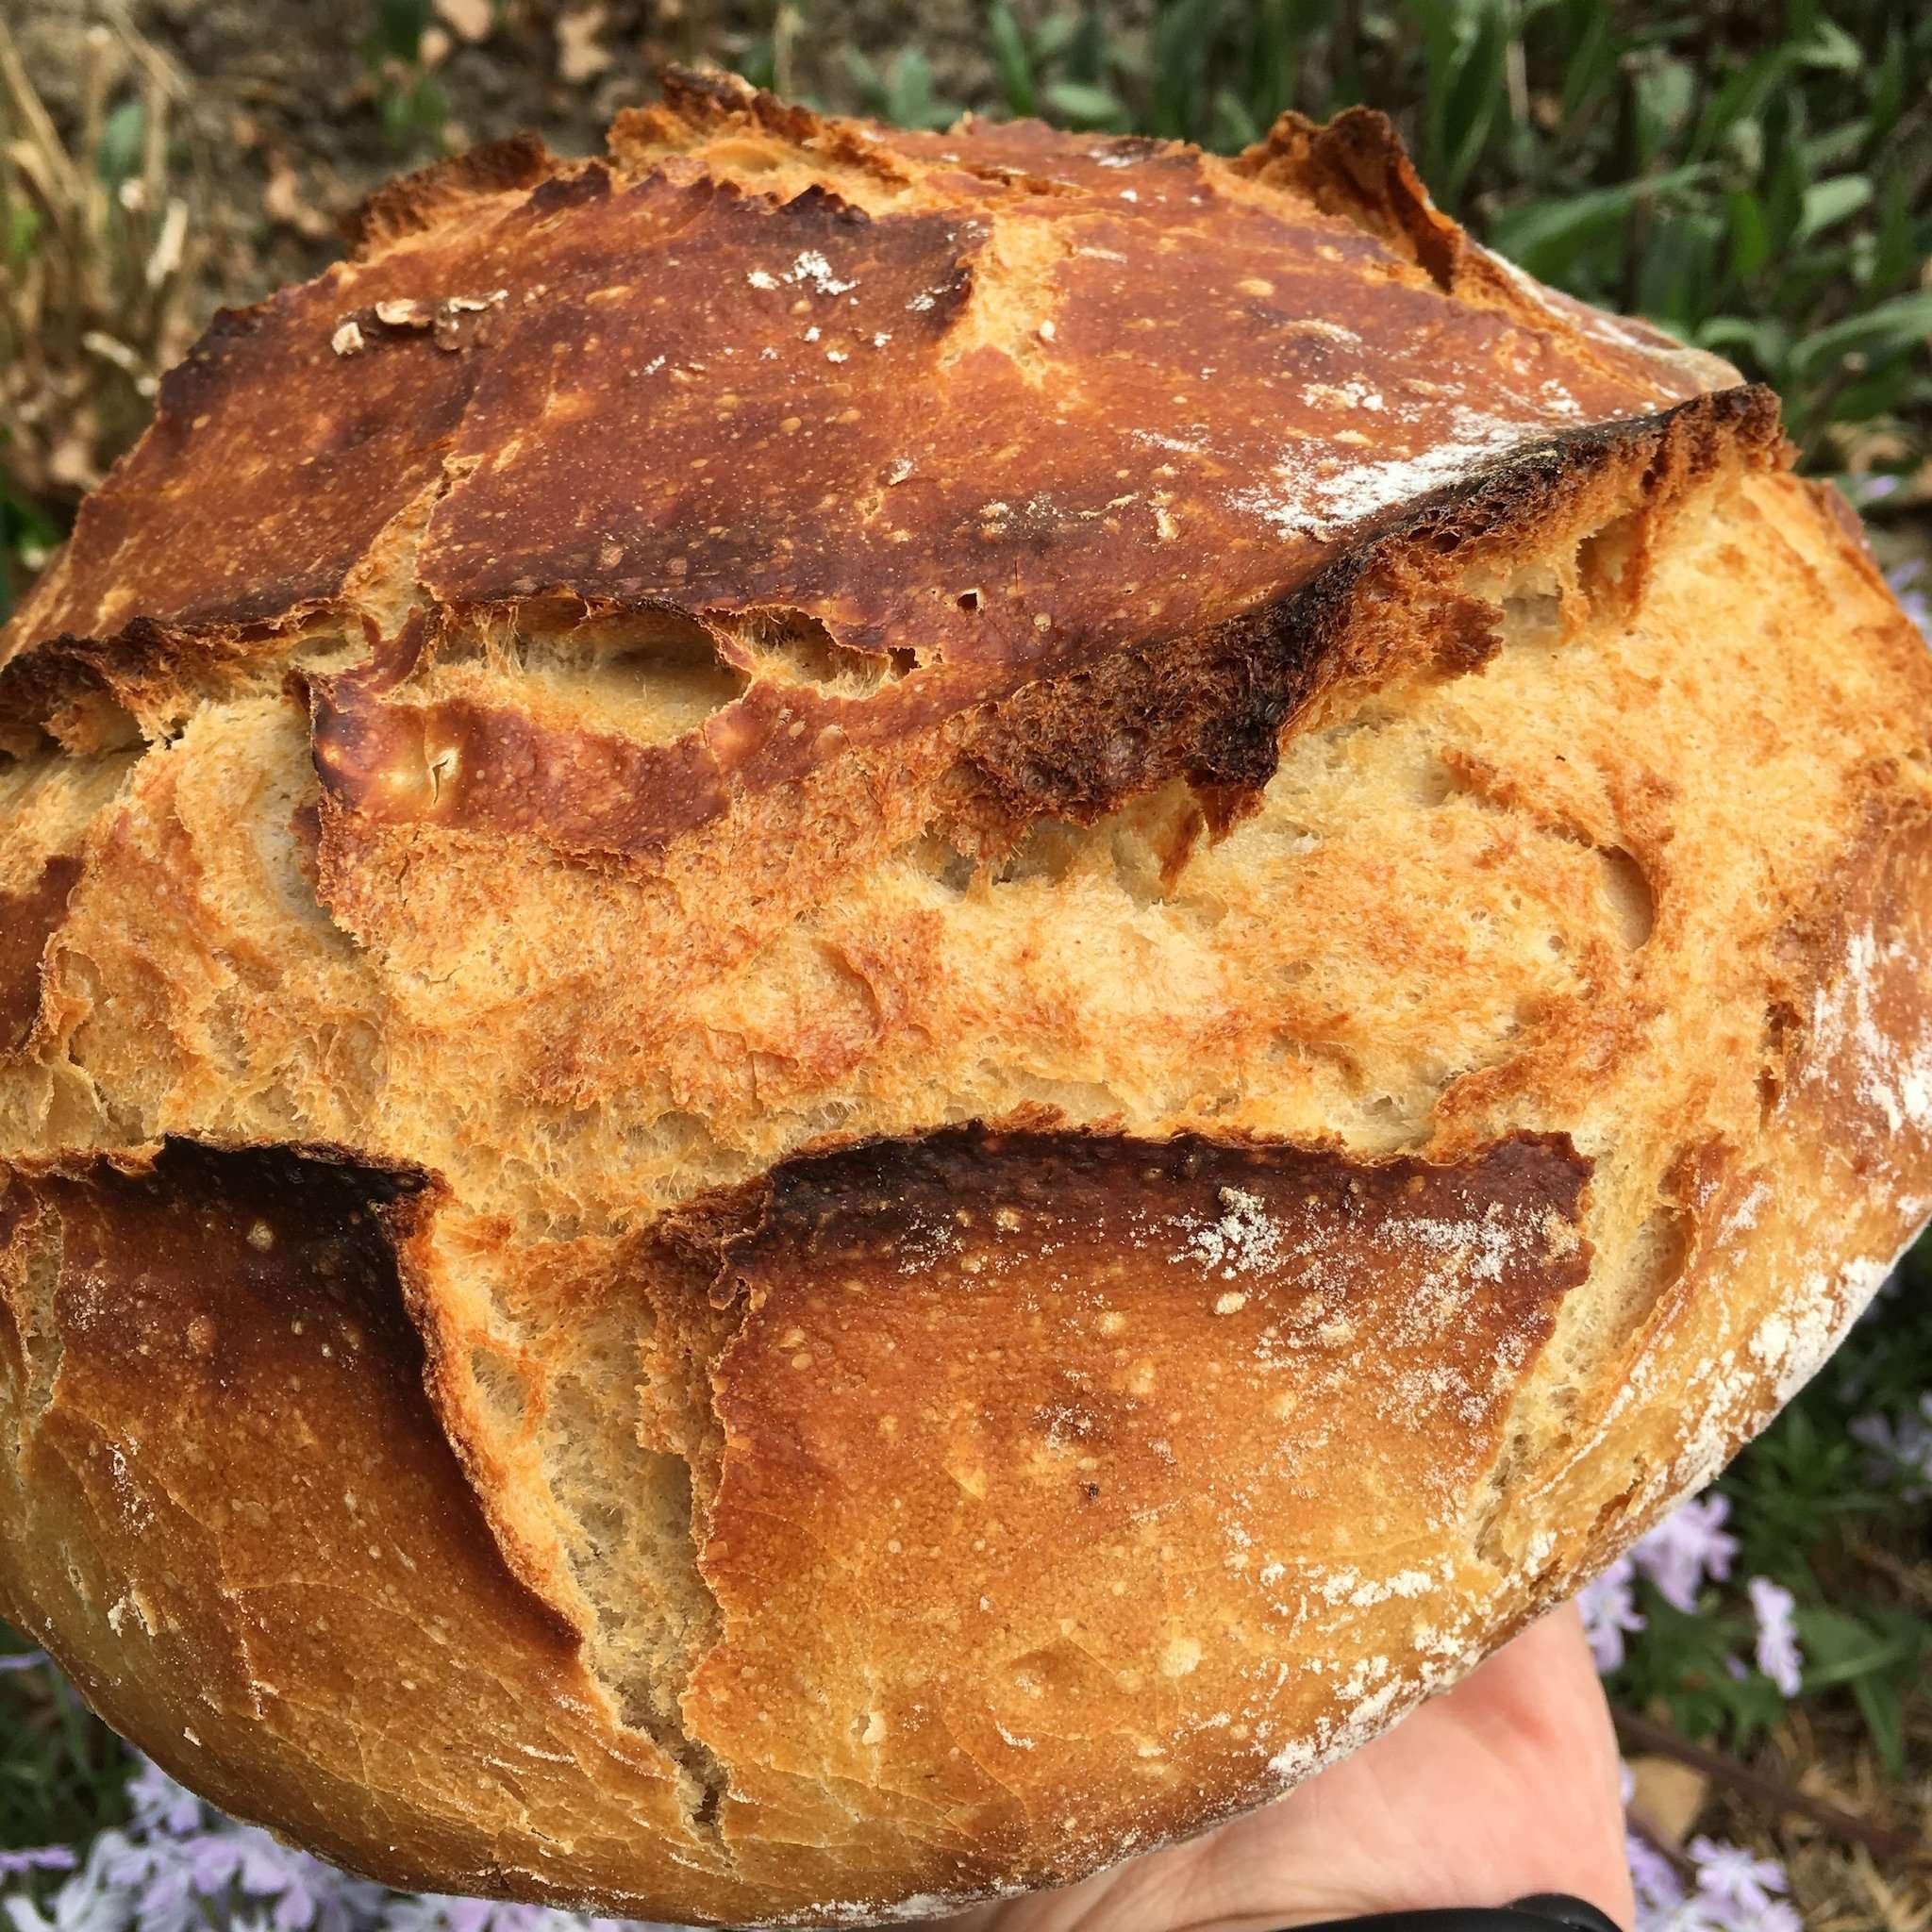 Friss mich Dumm Brot